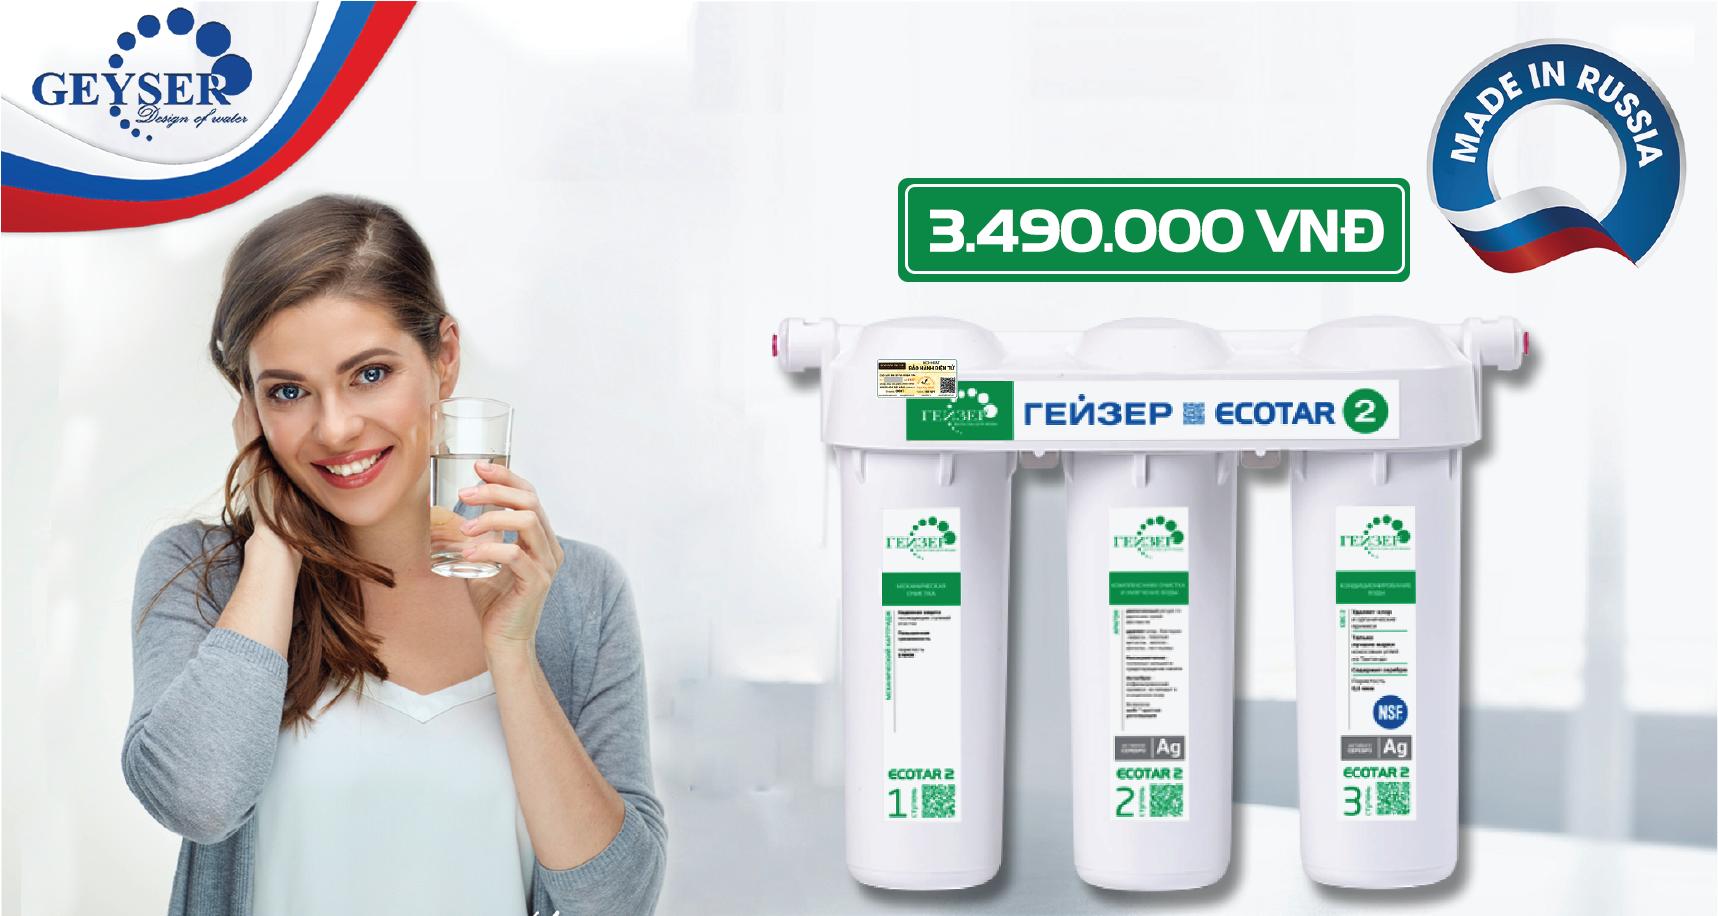 Giá máy lọc nước nano Geyser Eoctar 2 LB Nga